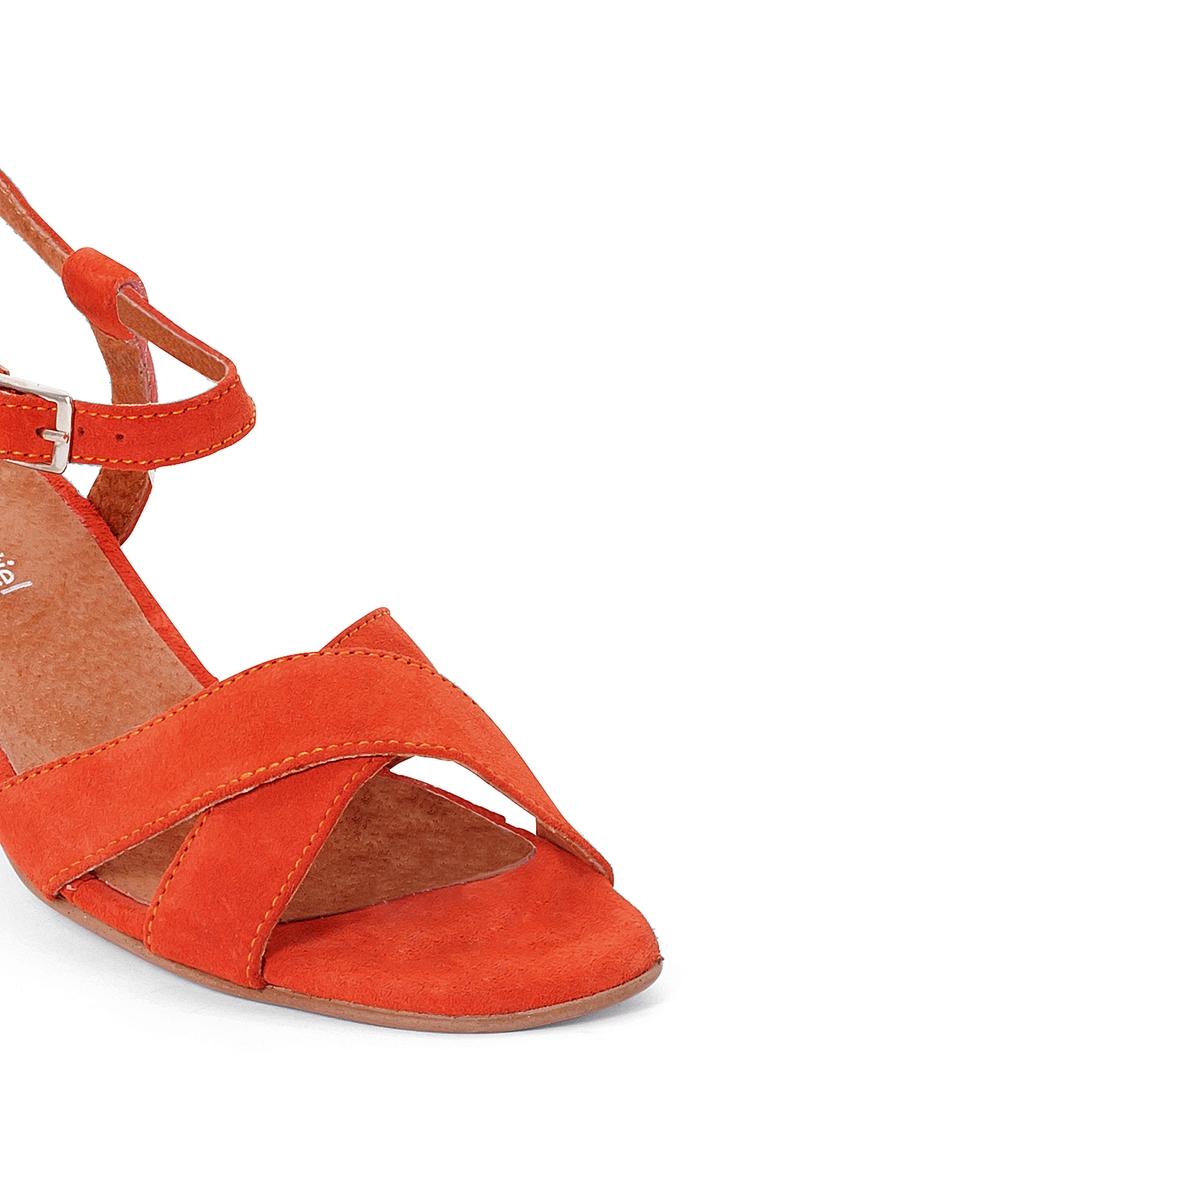 Босоножки кожаныеДетали  •  Широкий каблук •  Высота каблука : 4 см •  Застежка : ремешок/пряжка •  Открытый мысок •  Гладкая отделкаСостав и уход   •  Верх/голенище<br><br>Цвет: оранжевый<br>Размер: 40.36